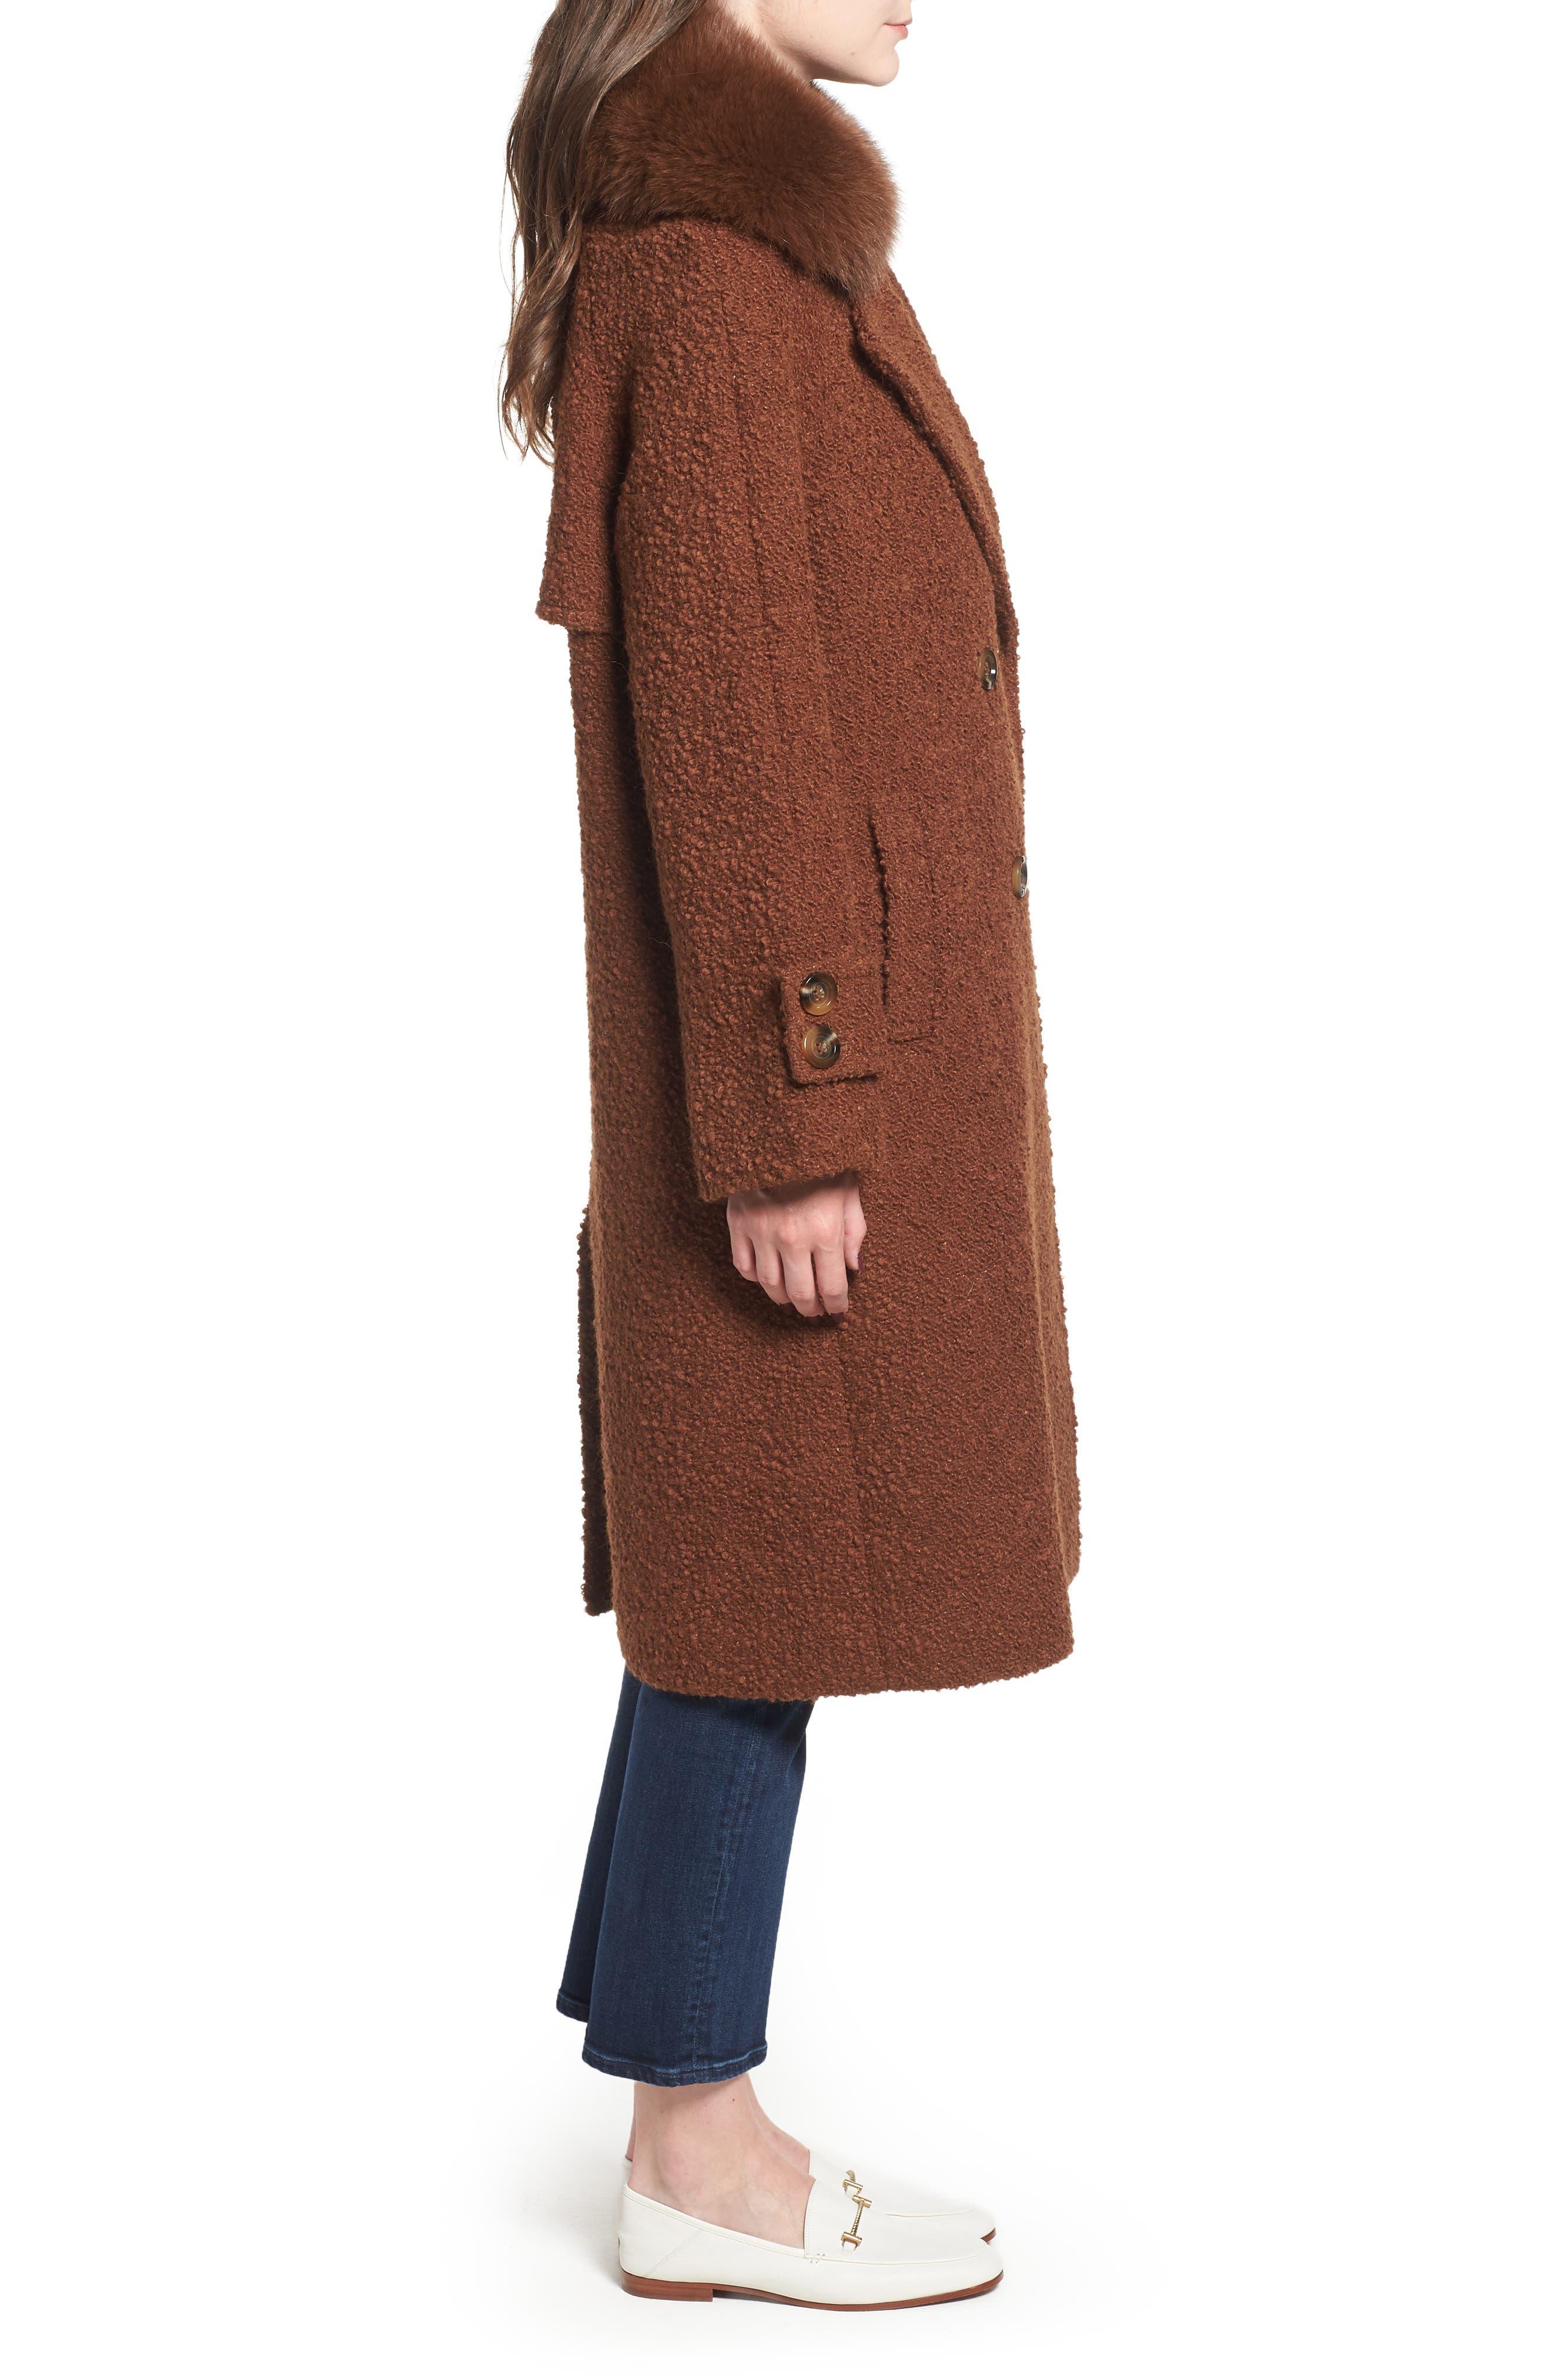 London Genuine Fox Fur Trim Long Coat,                             Alternate thumbnail 3, color,                             250